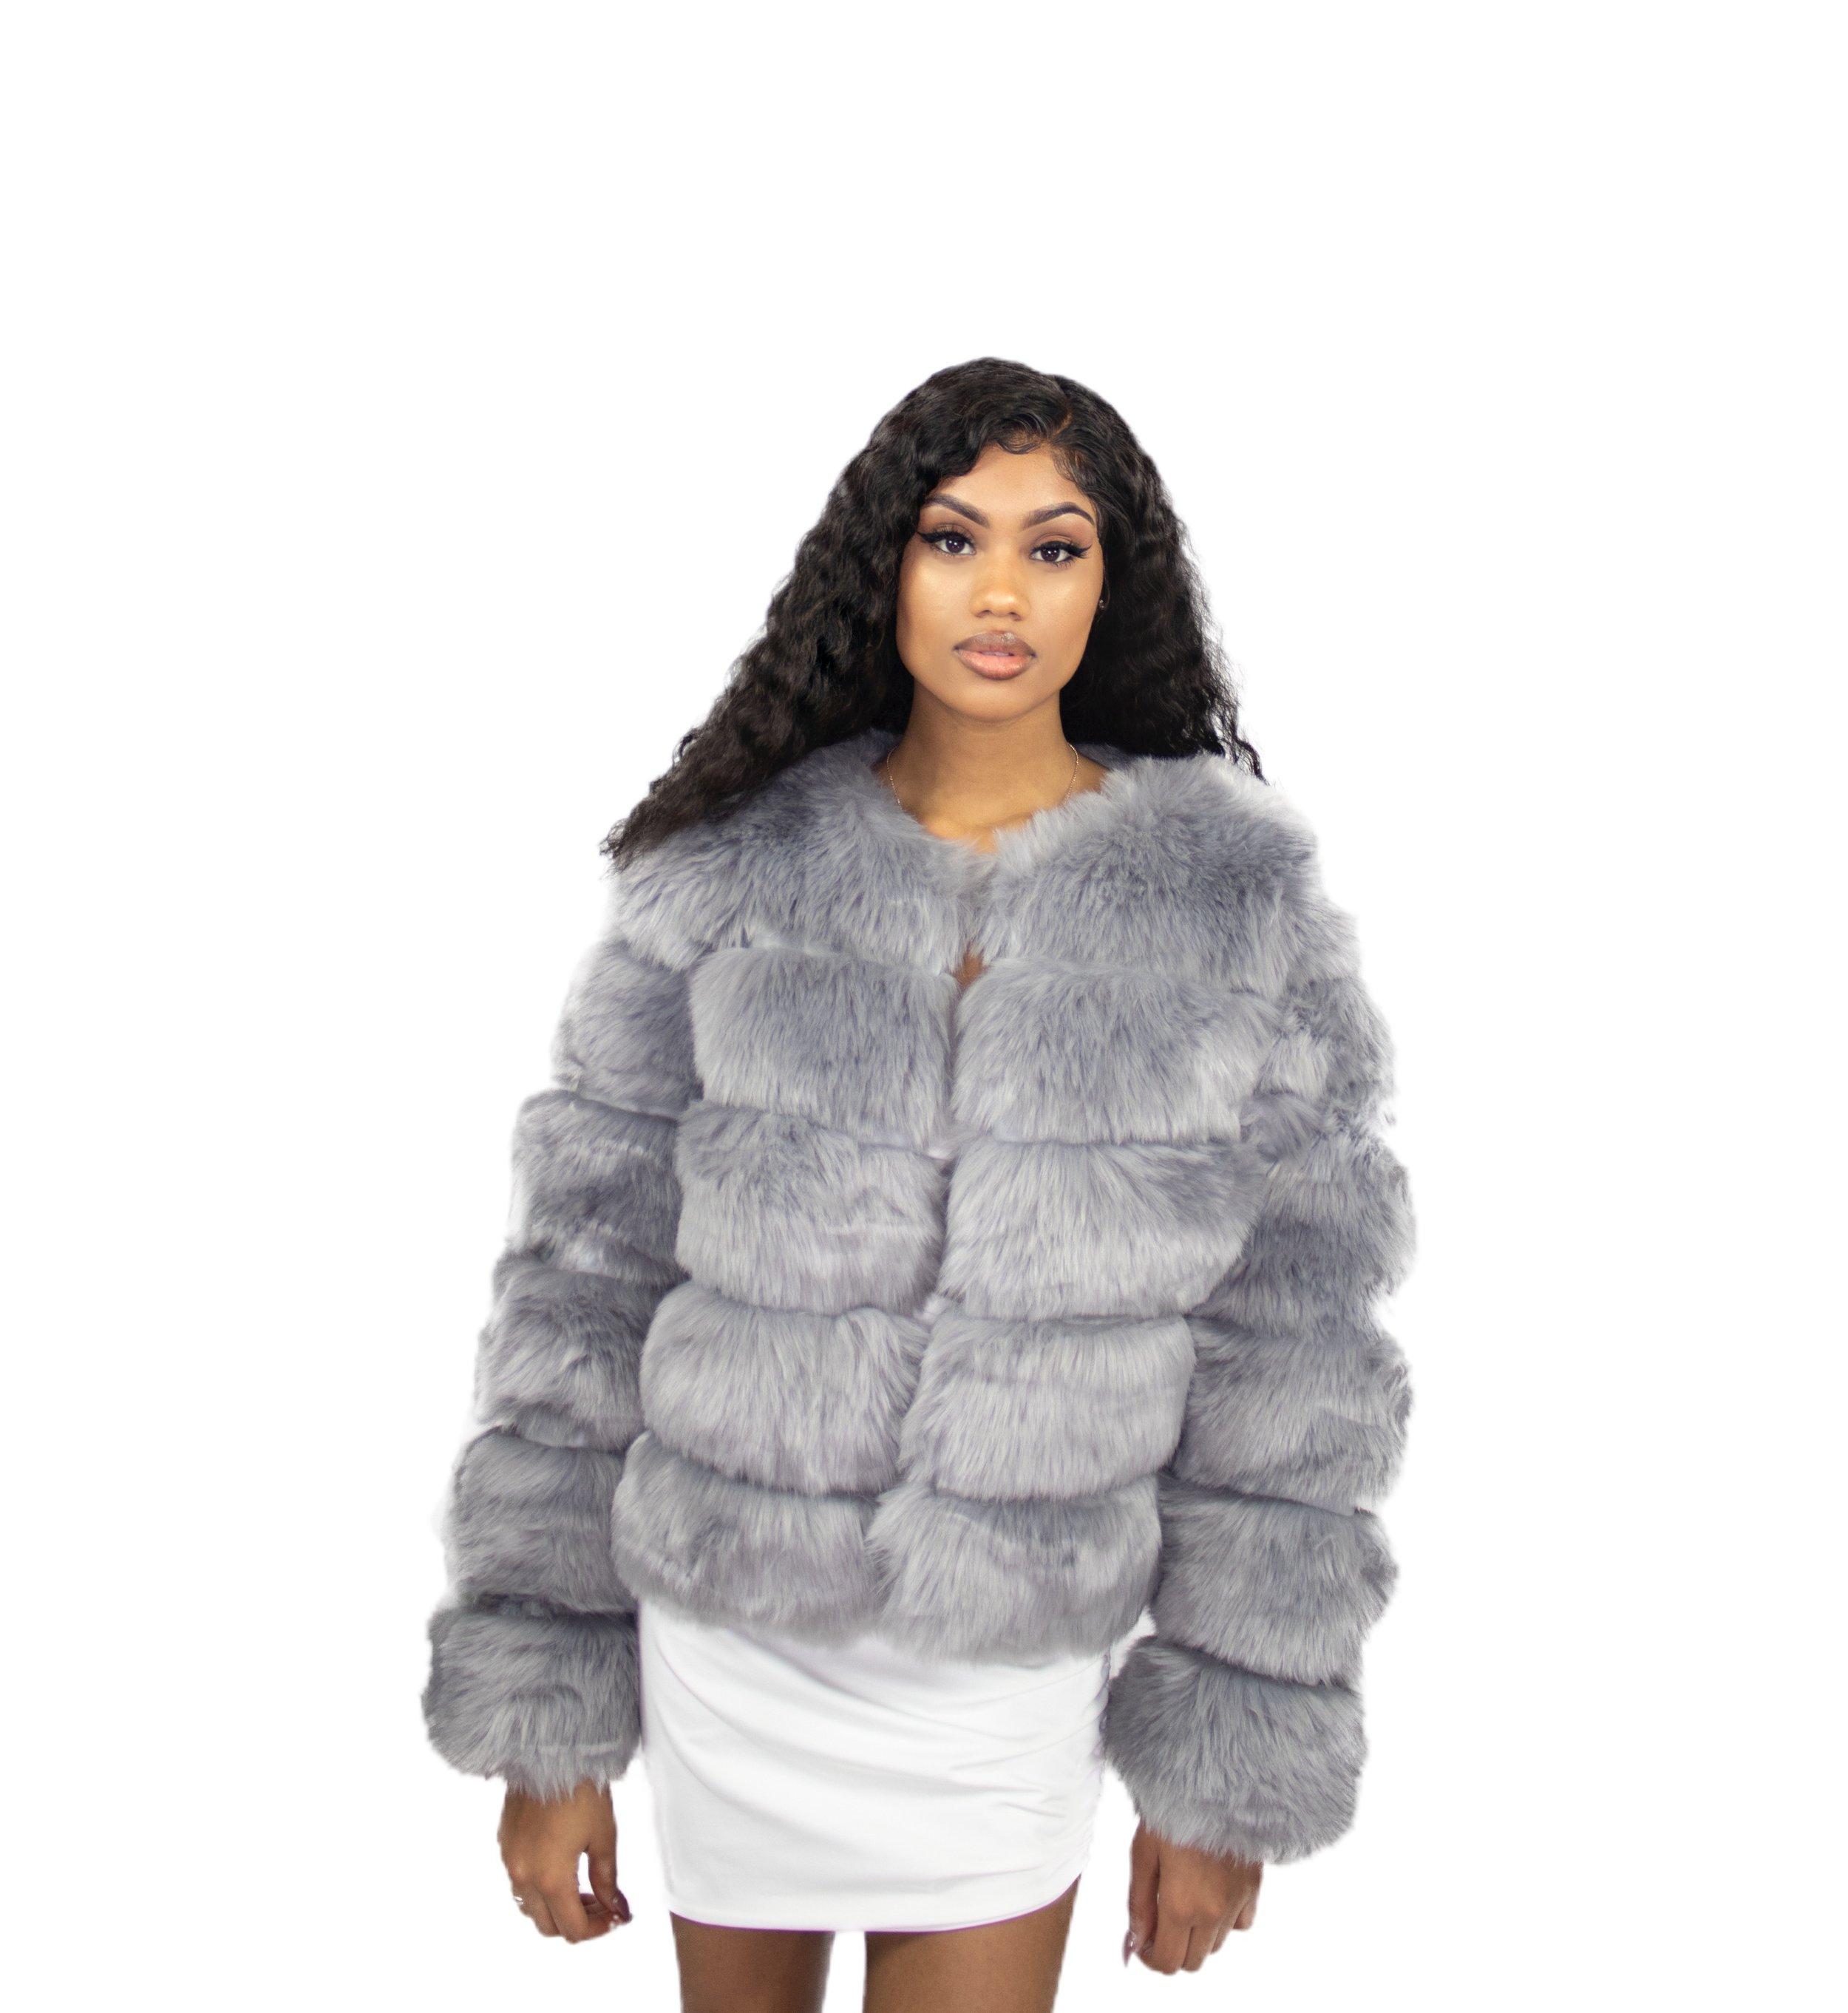 f9009abcd4ed Princess Mia Fur Coat- Grey — Pink Plastic